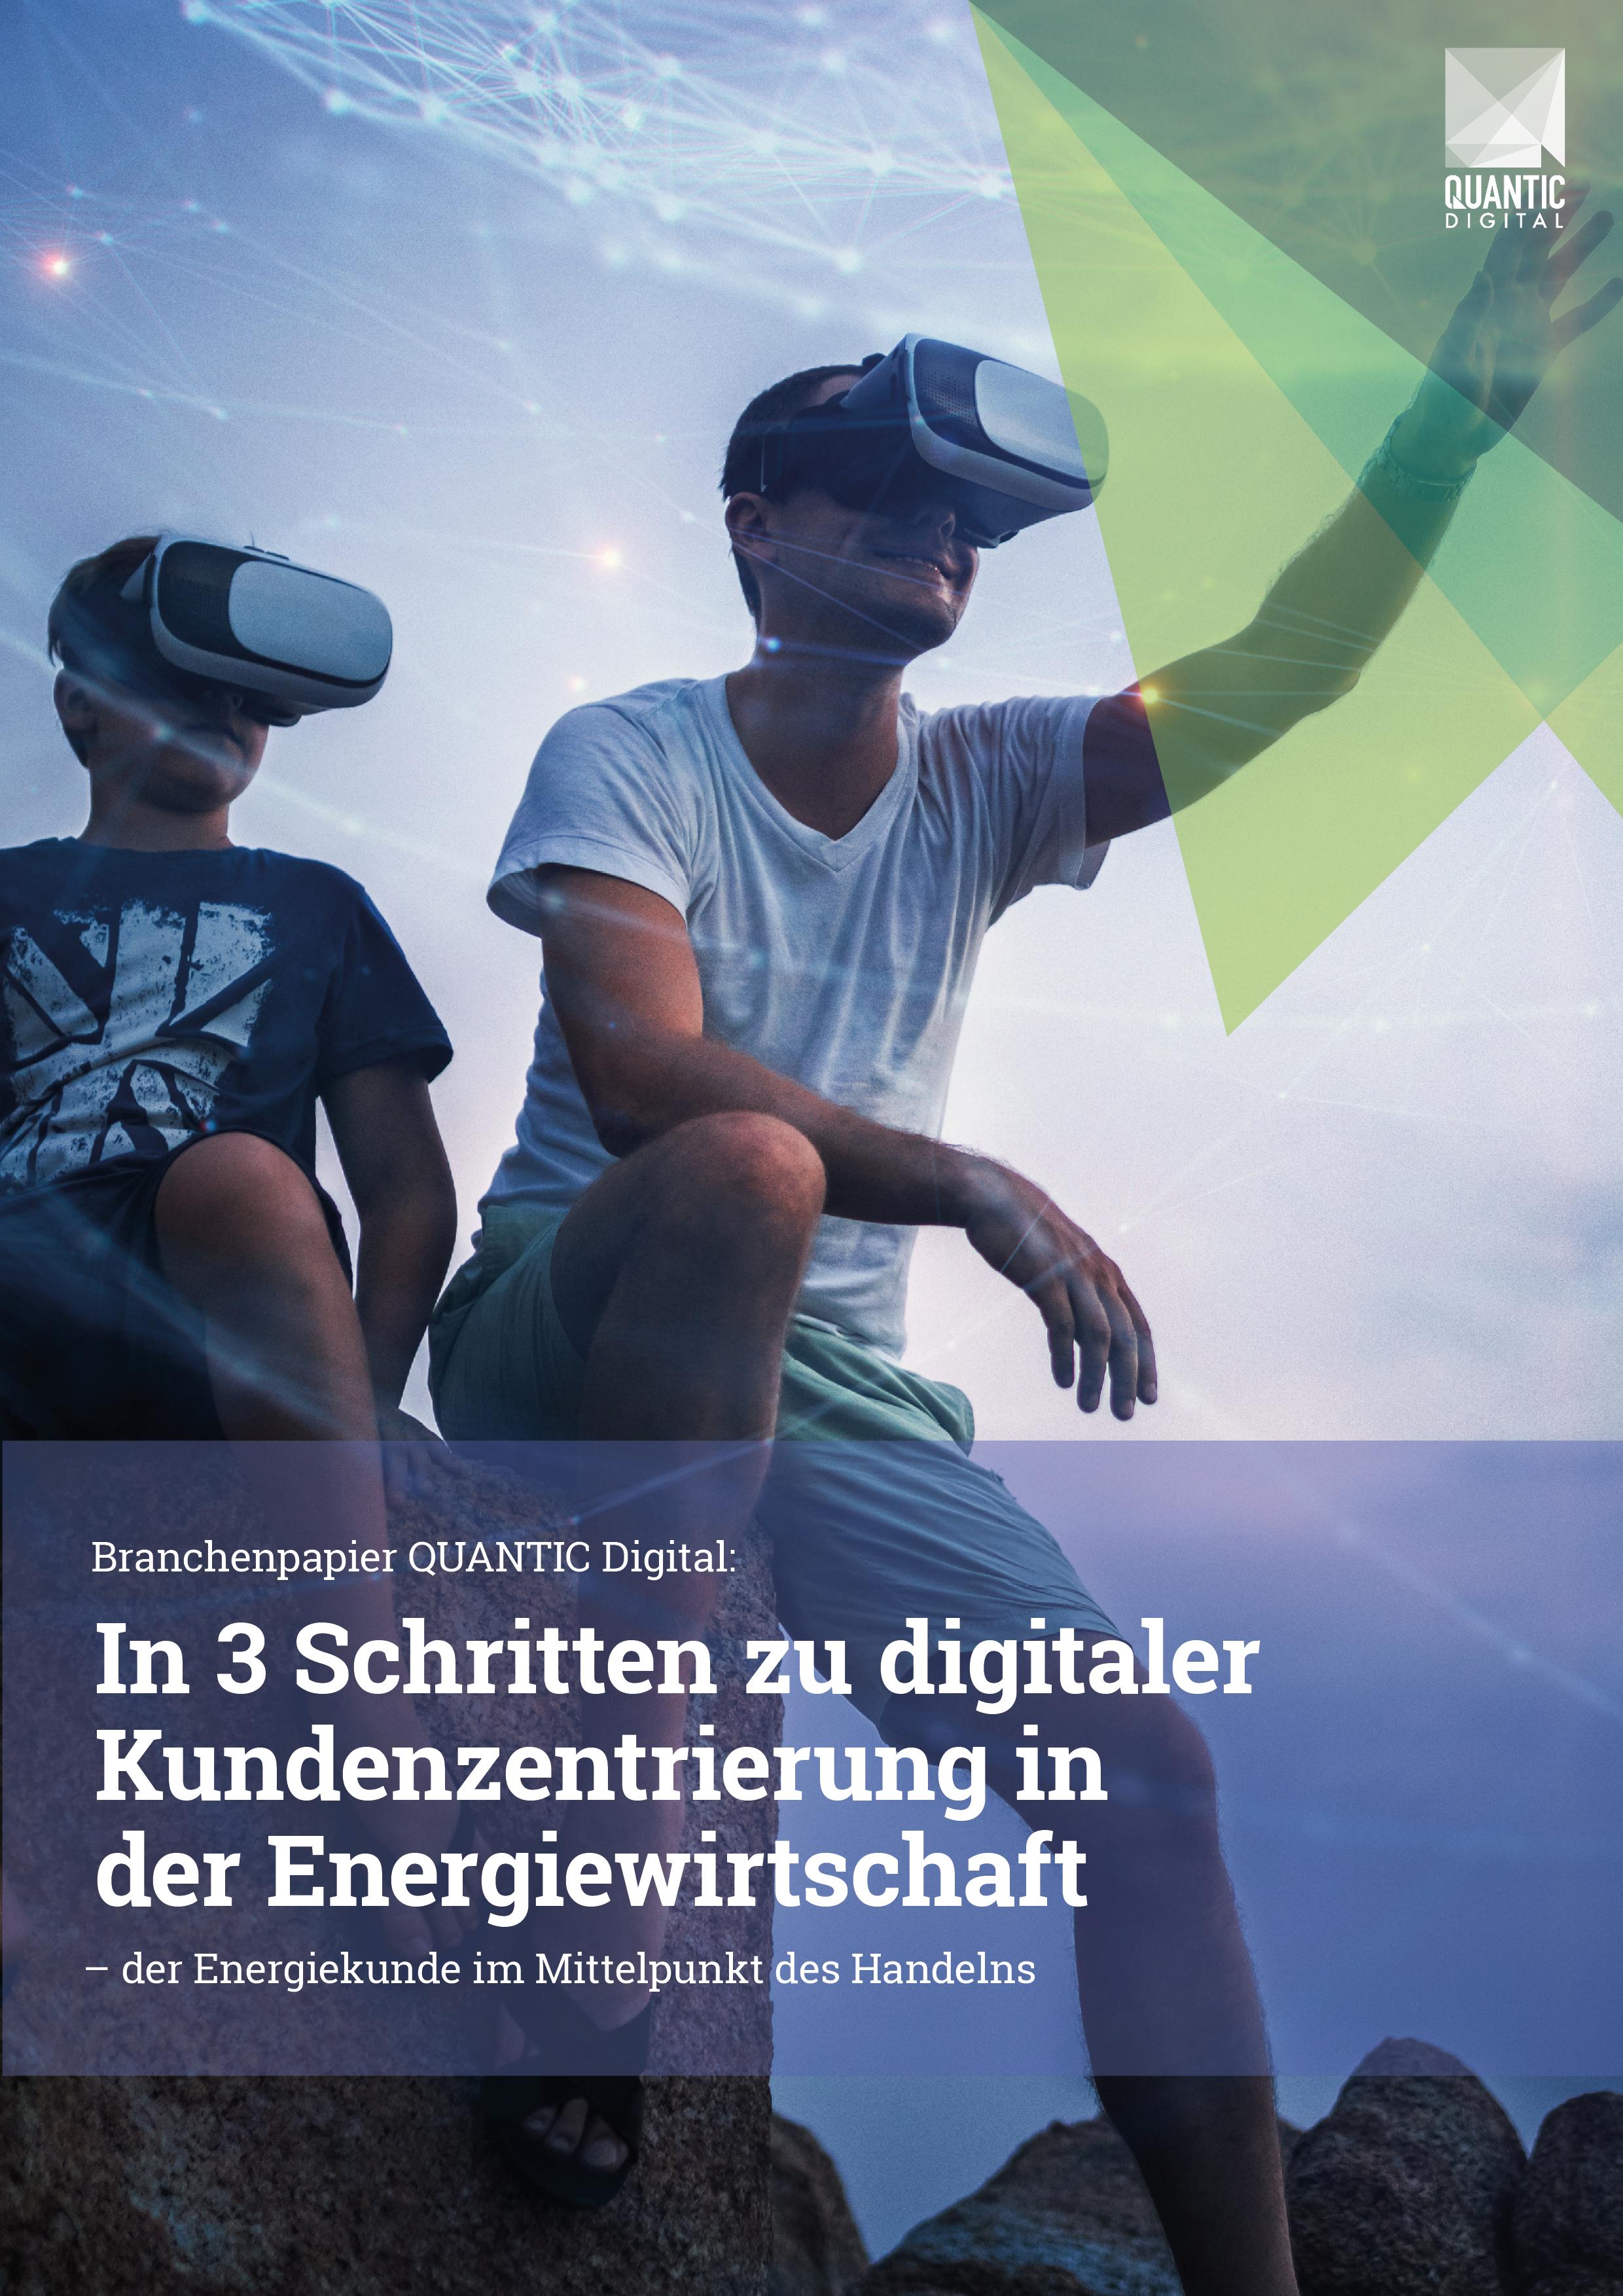 Branchenpapier QUANTIC Digital – In 3 Schritten zu digitaler Kundenzentrierung in der Energiewirtschaft